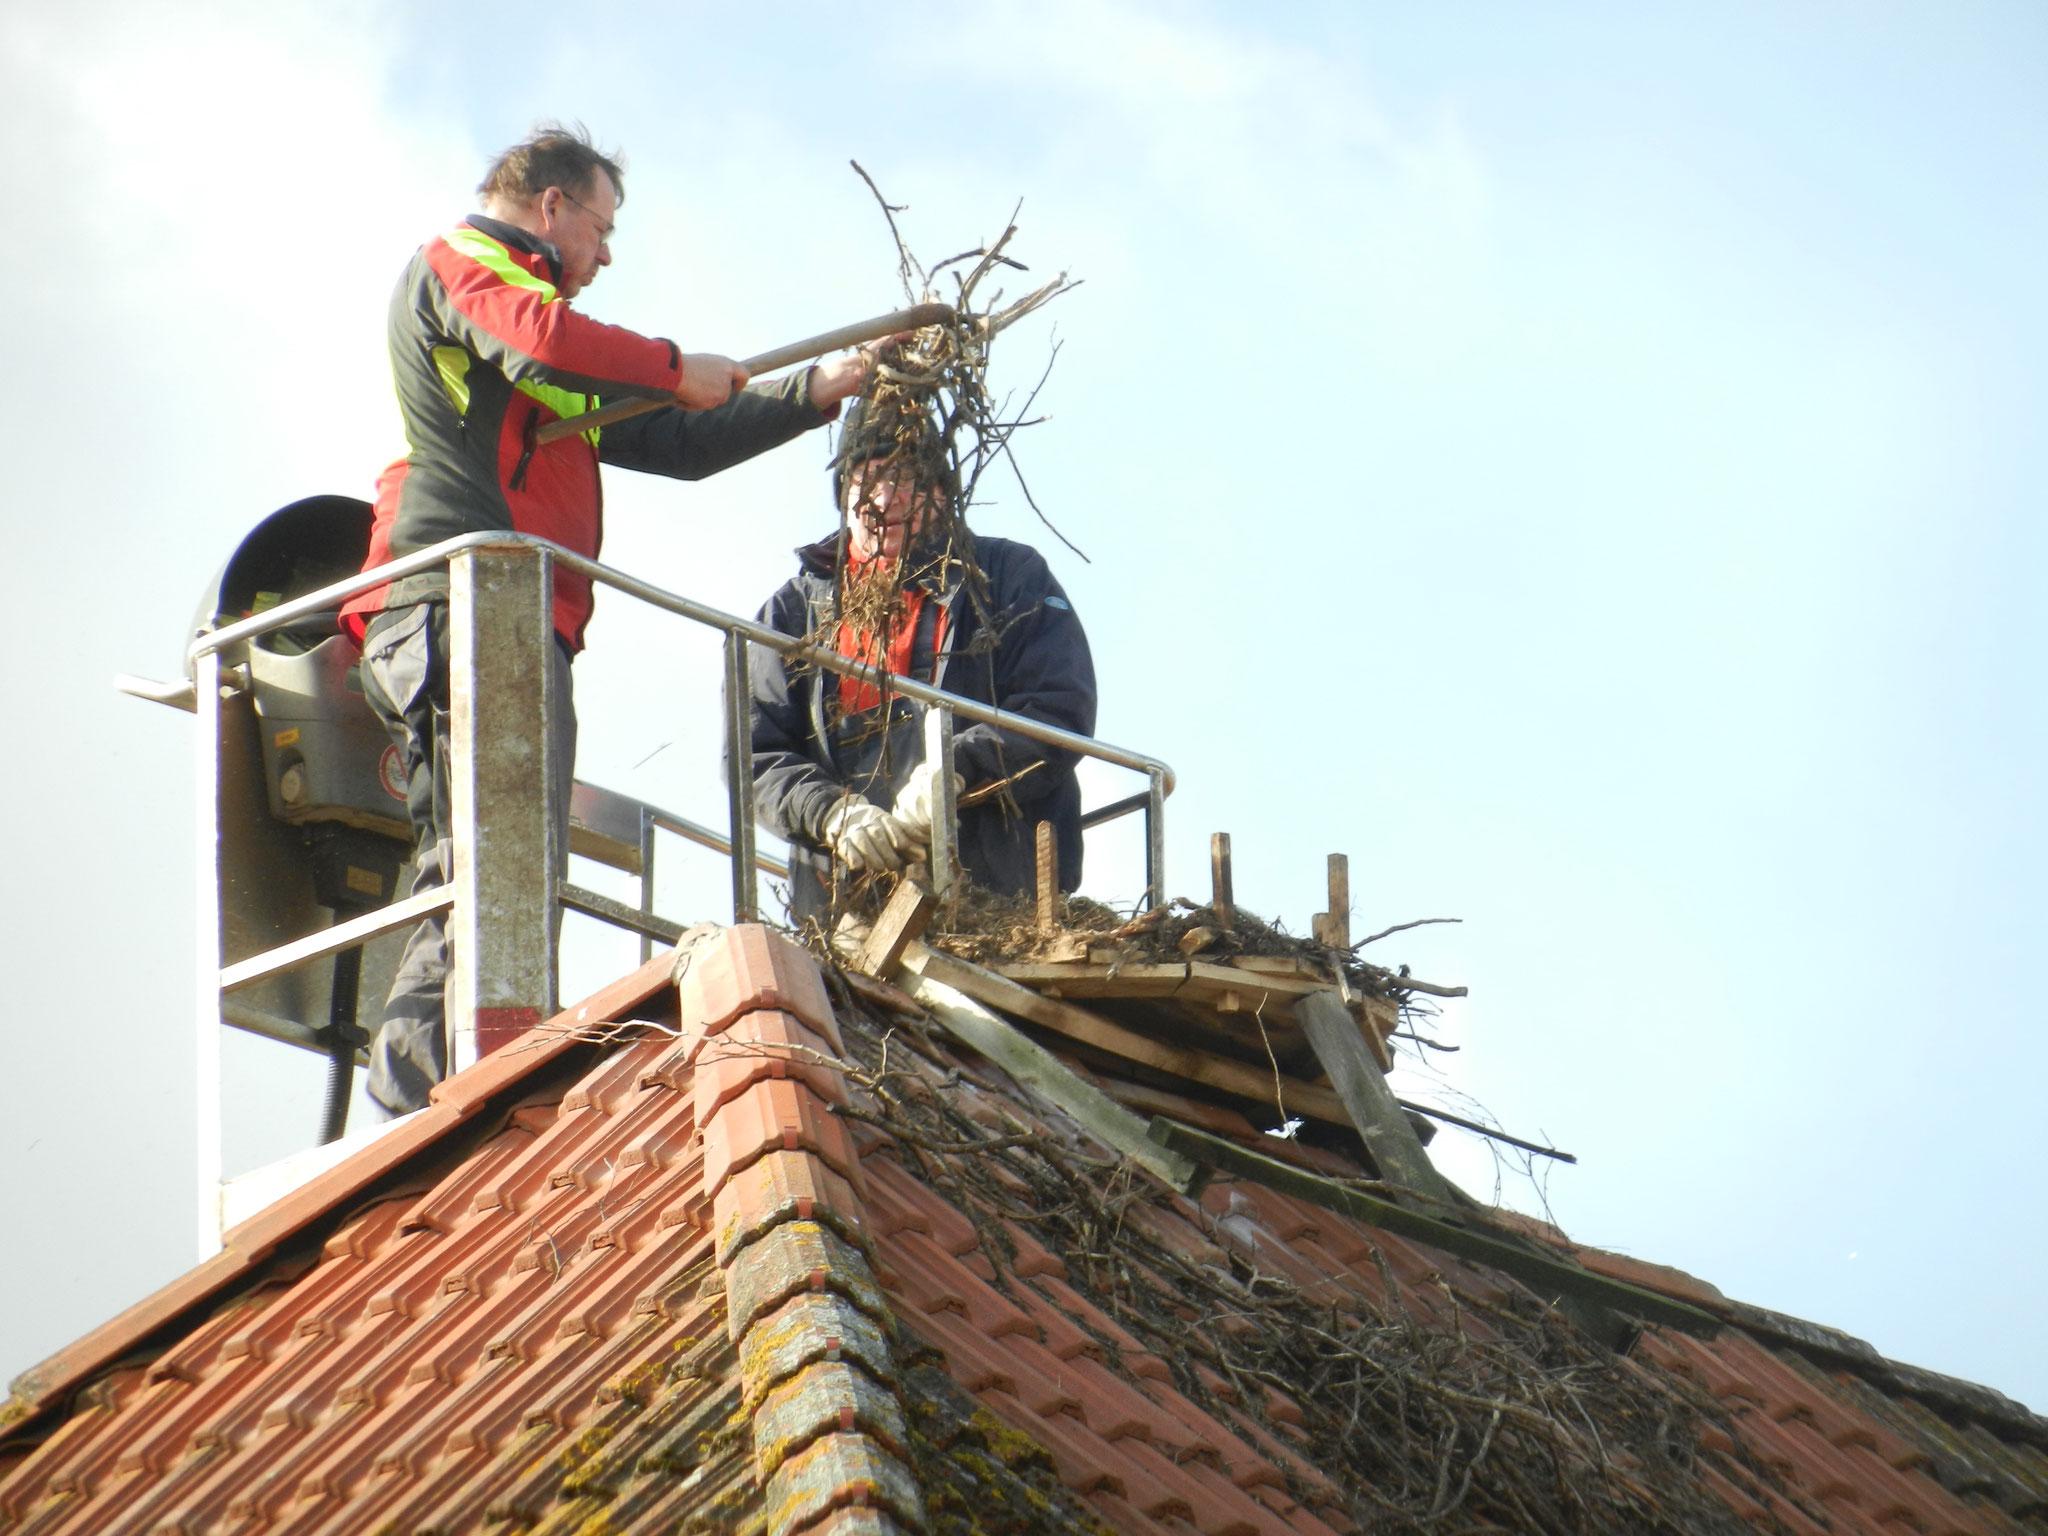 Das alte Nestmaterial wird gründlich abgetragen ...